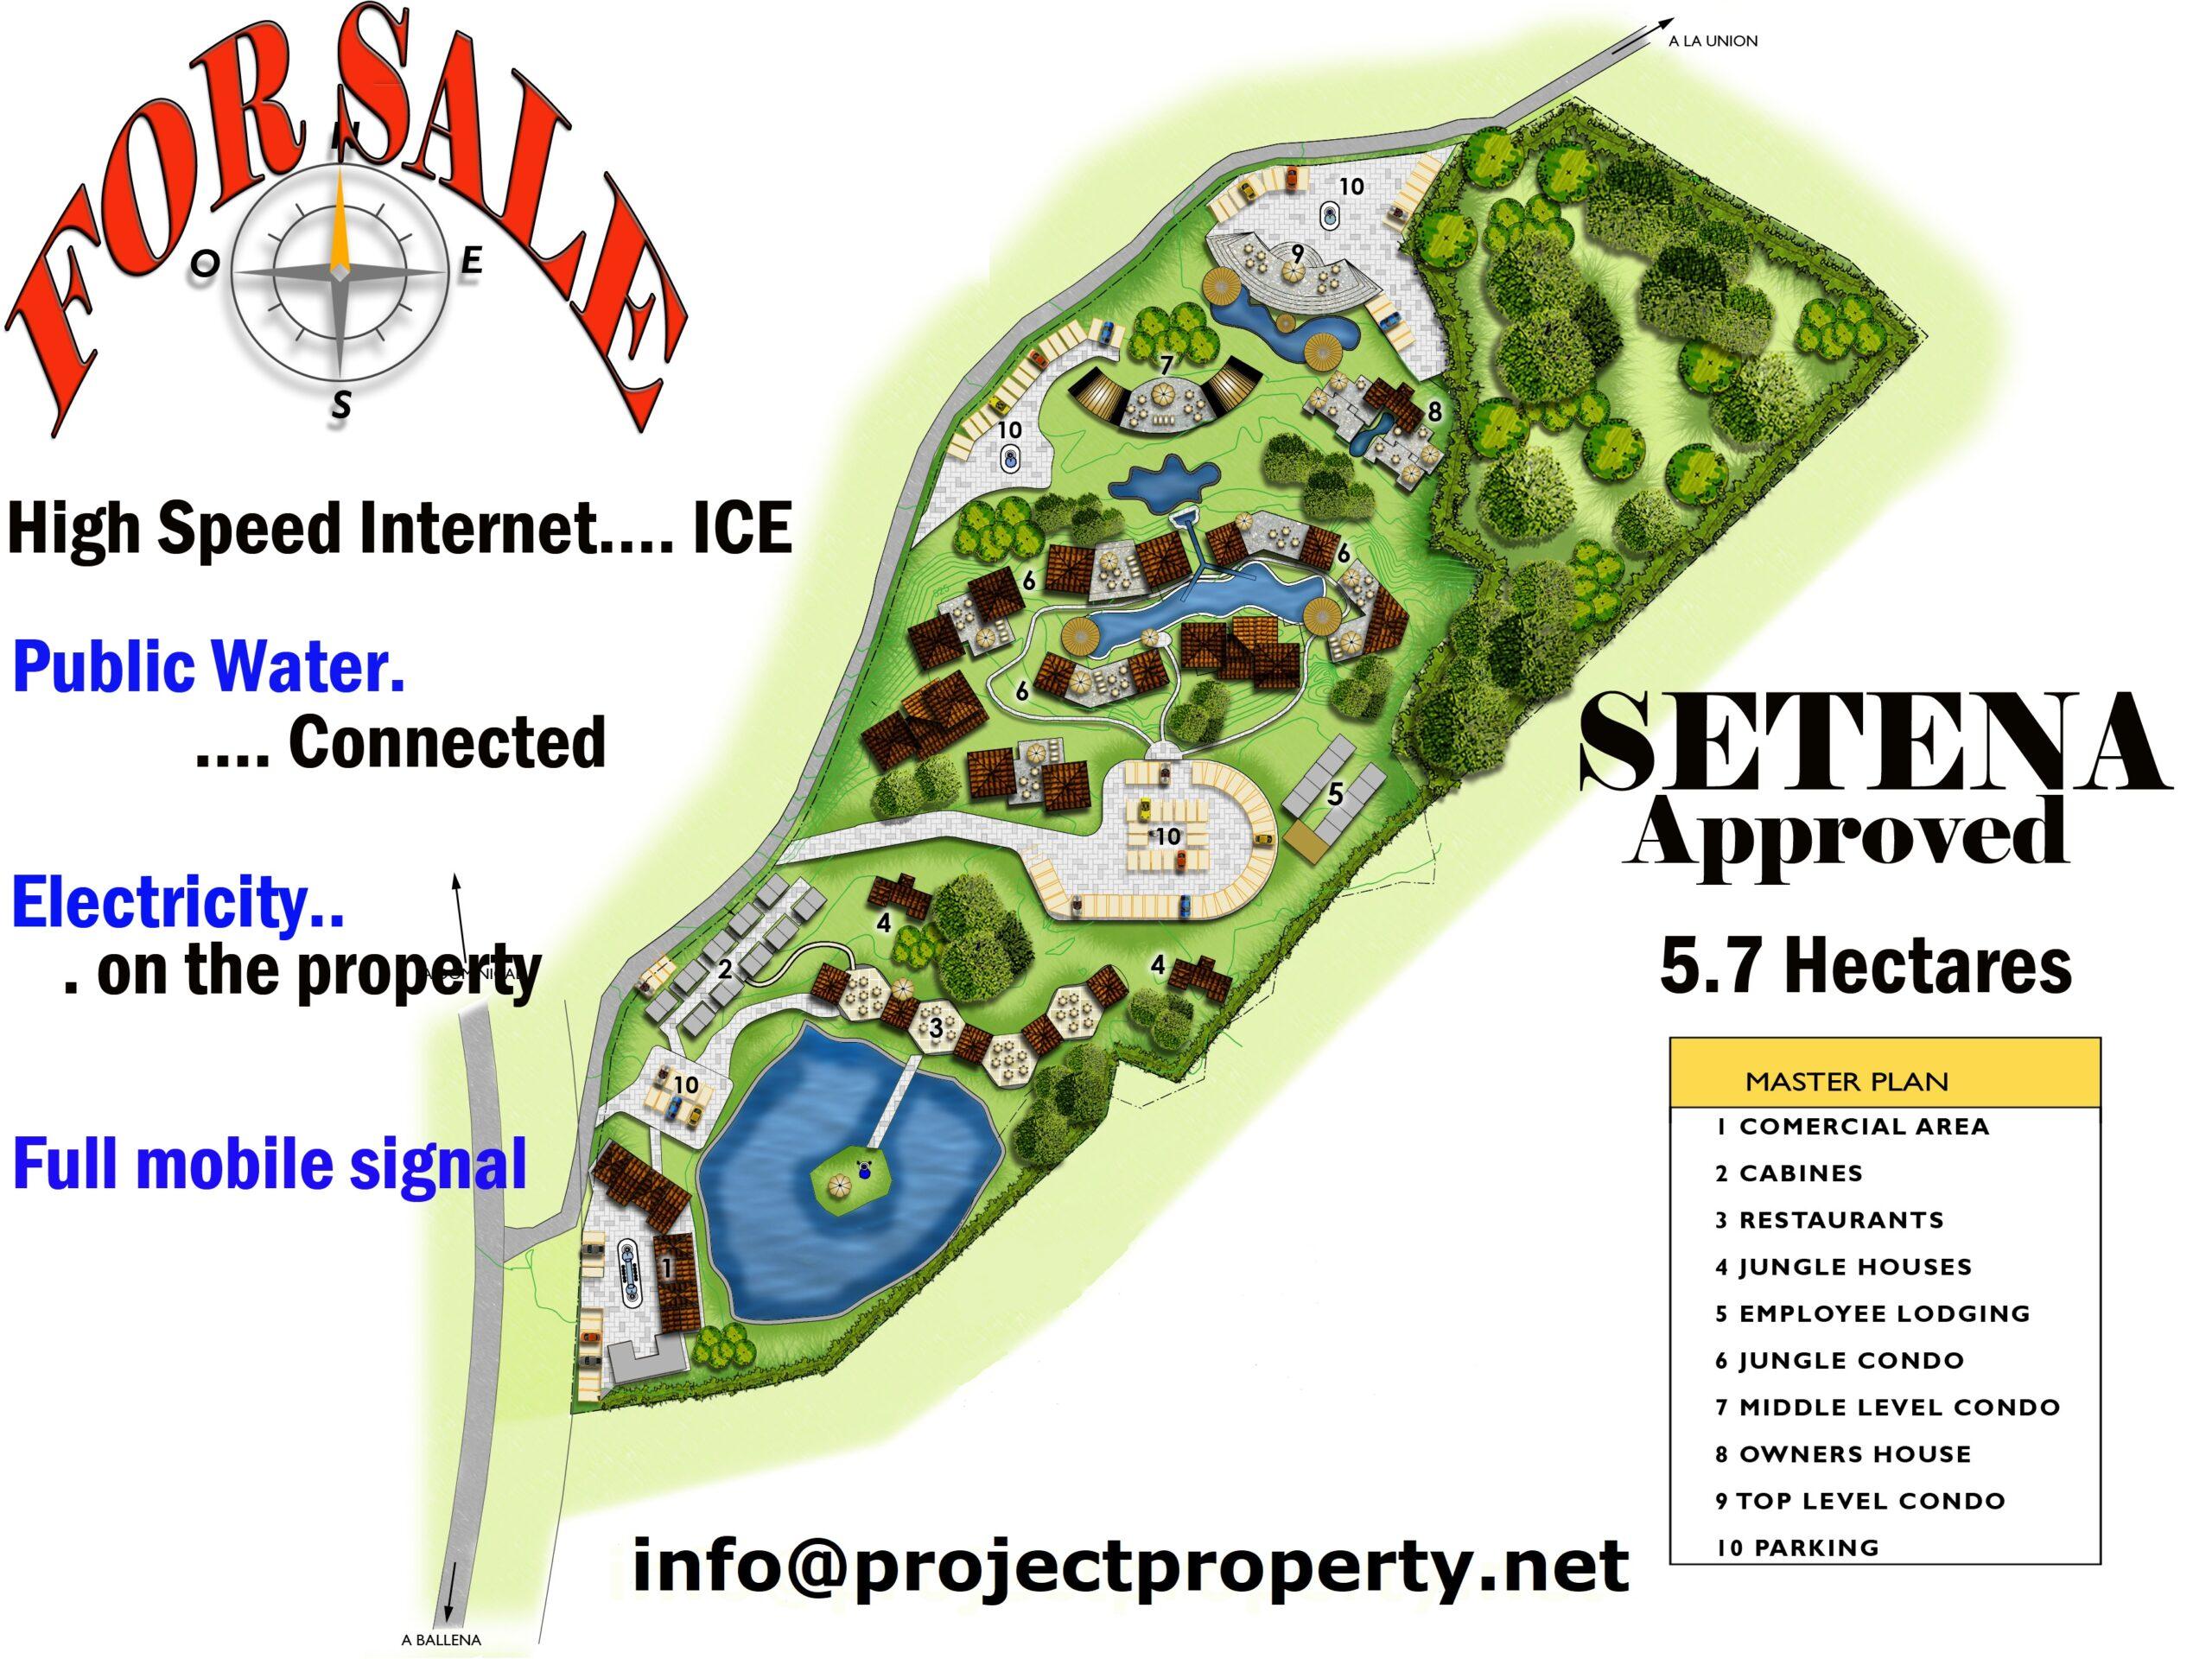 costa rica farm for sale master plan